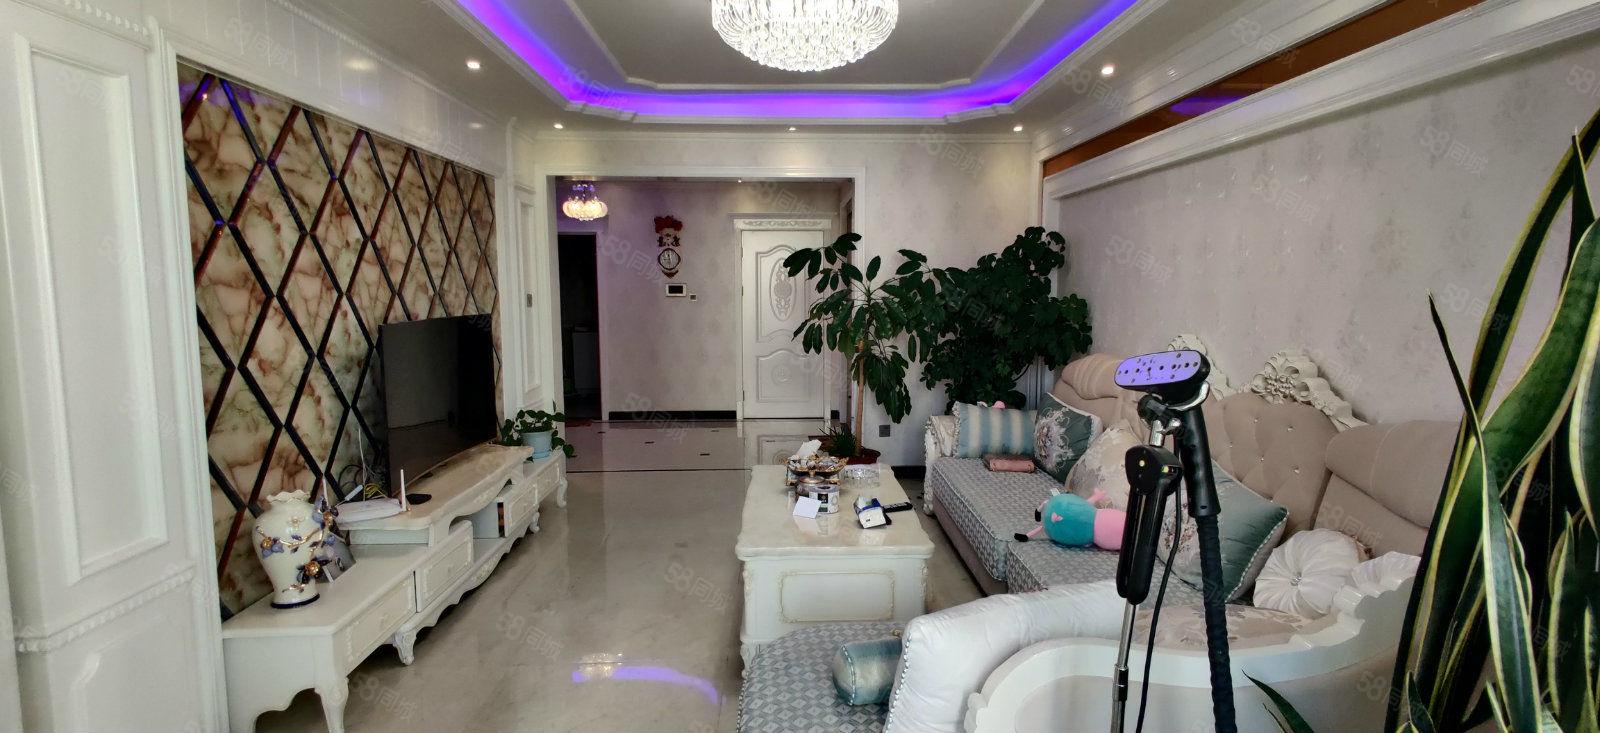 潤澤苑精裝小套出售全新精裝帶家具全天采光心動價格